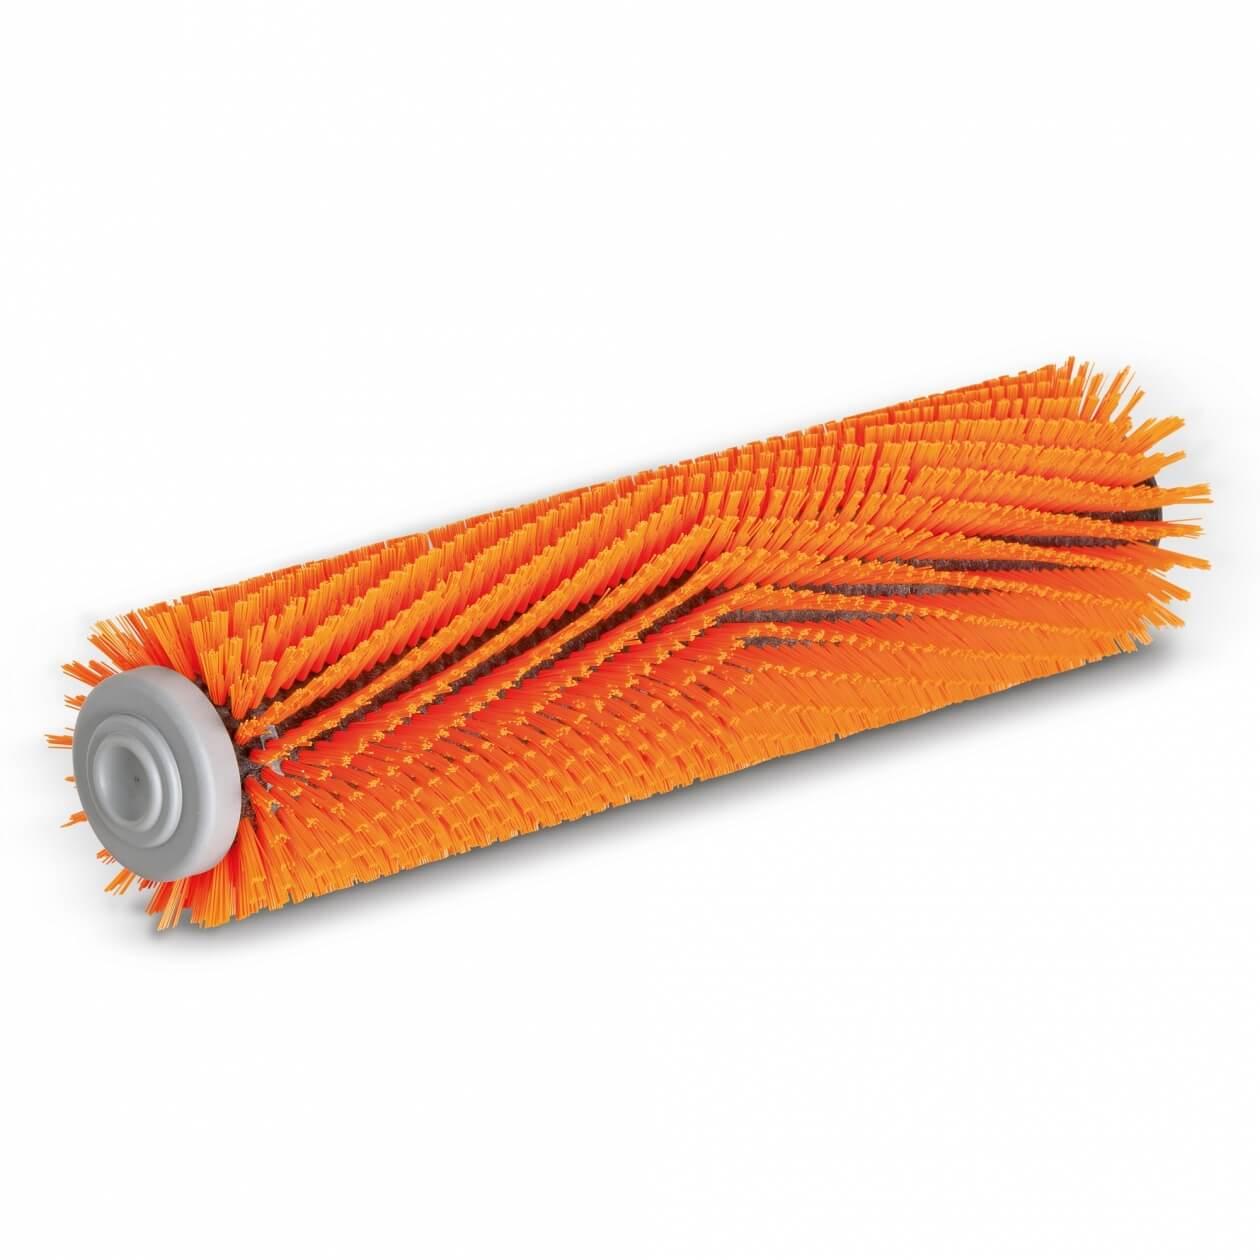 Image of   Kärcher, børstevalse, høj / lav, 450 mm, orange, til B 40 W